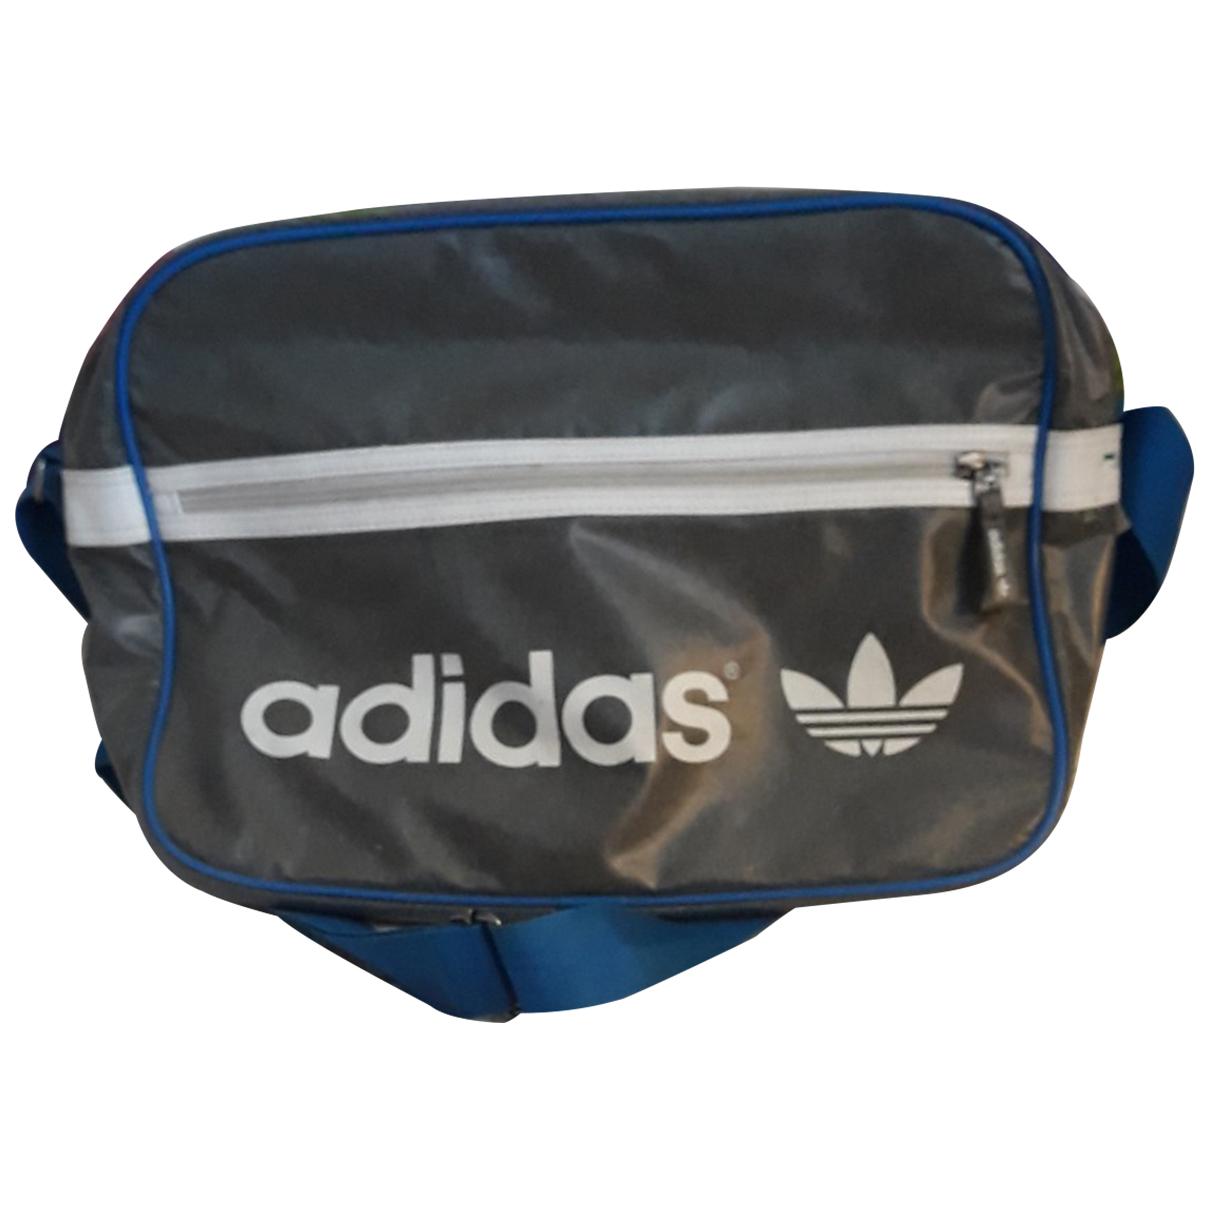 Adidas \N Kleinlederwaren in  Anthrazit Polyester